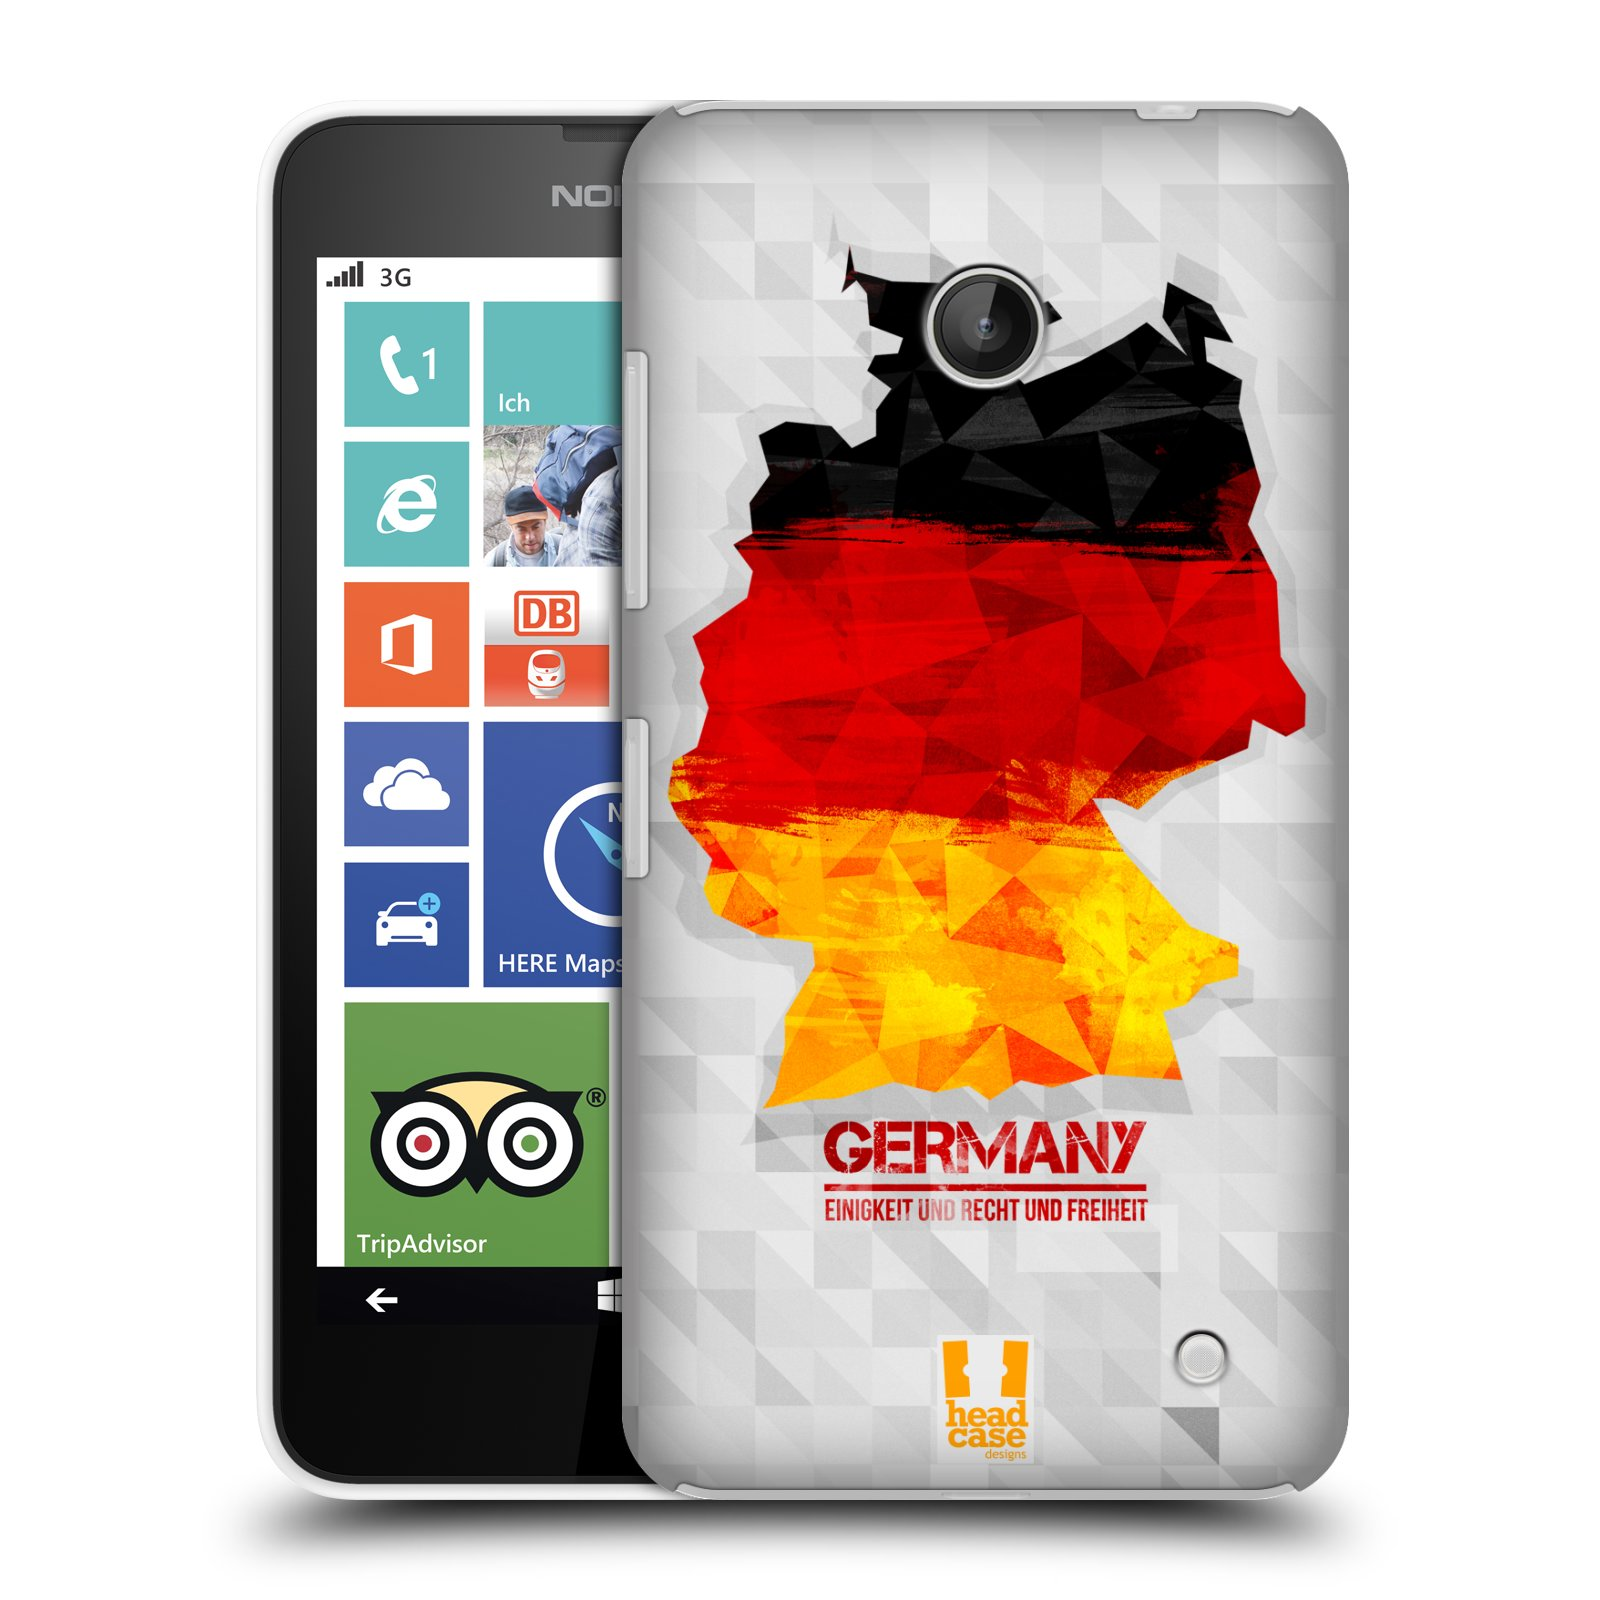 Plastové pouzdro na mobil Nokia Lumia 630 HEAD CASE GEOMAPA NĚMECKO (Kryt či obal na mobilní telefon Nokia Lumia 630 a Nokia Lumia 630 Dual SIM)